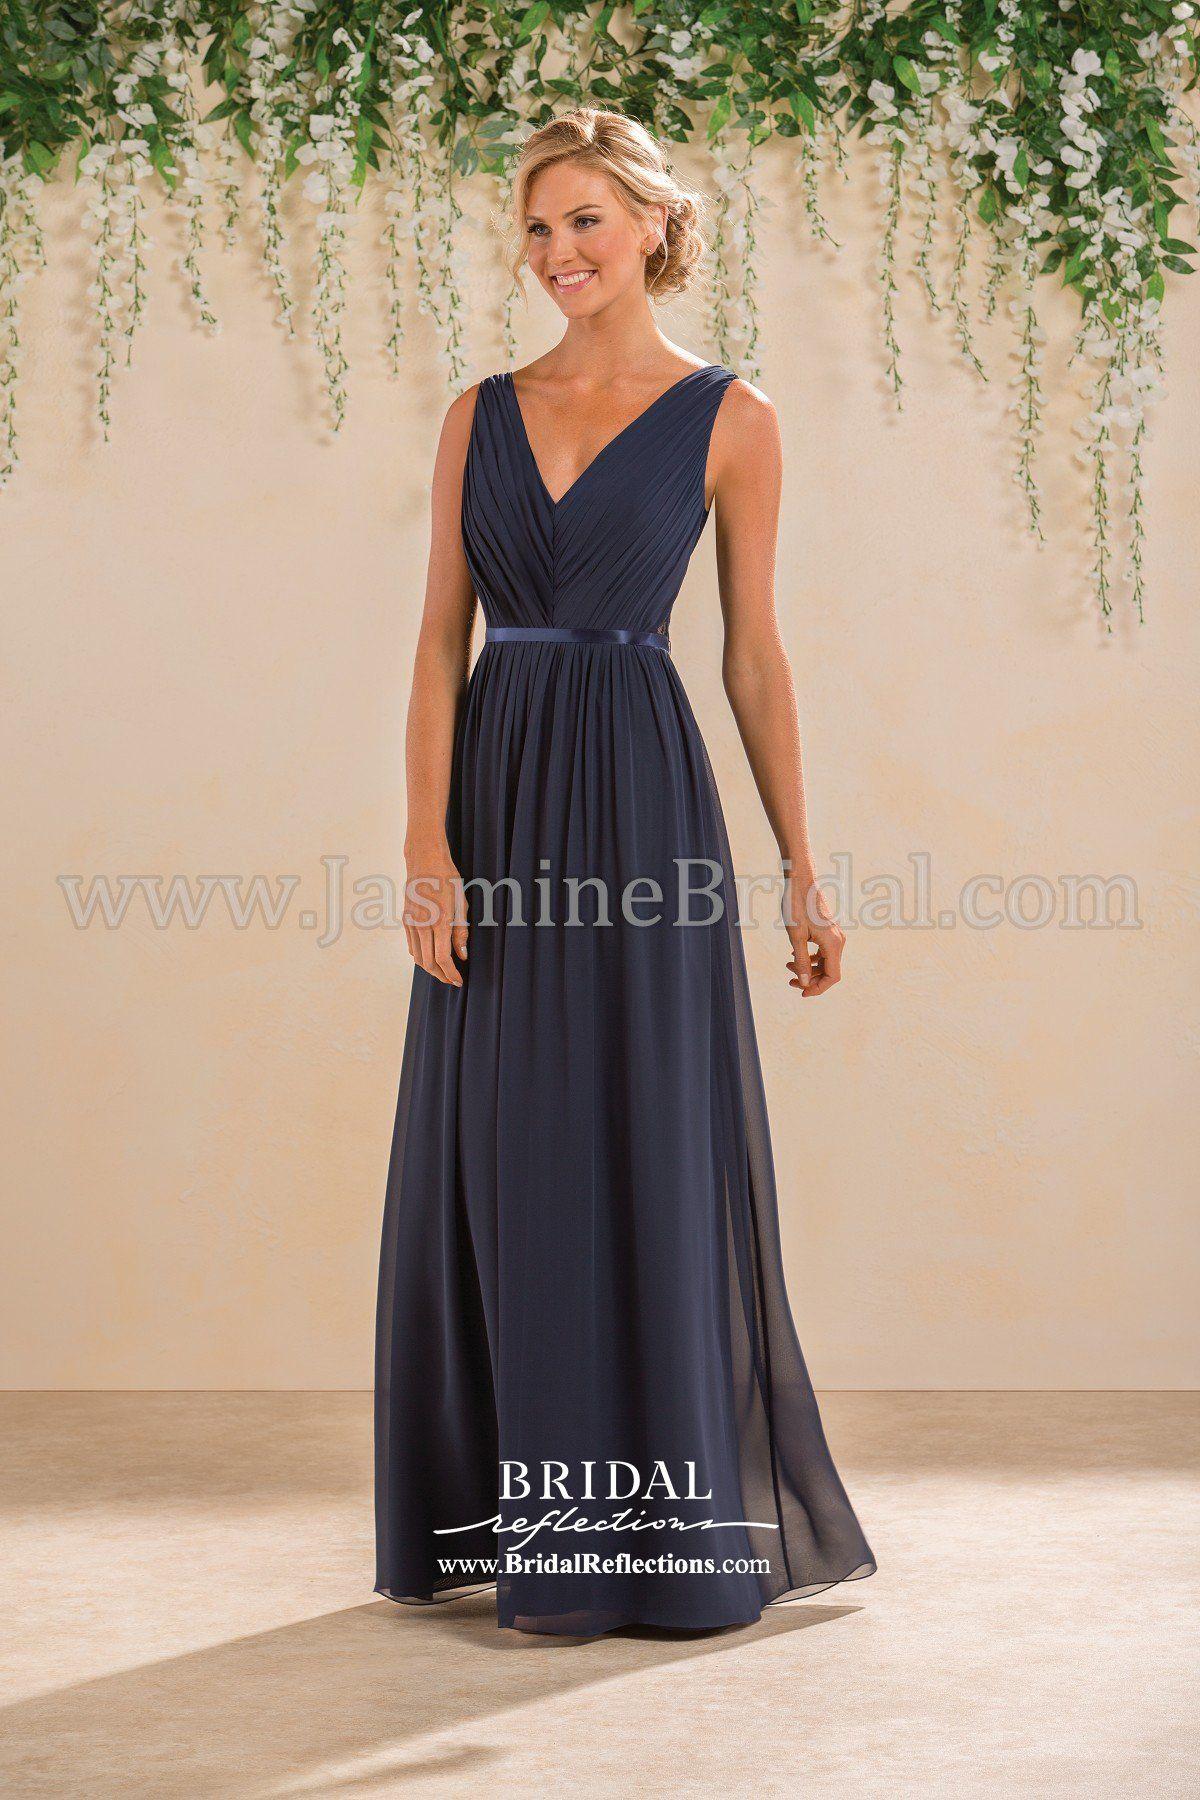 5a8578d8c3a Shop the hottest B2 by Jasmine bridesmaids dresses